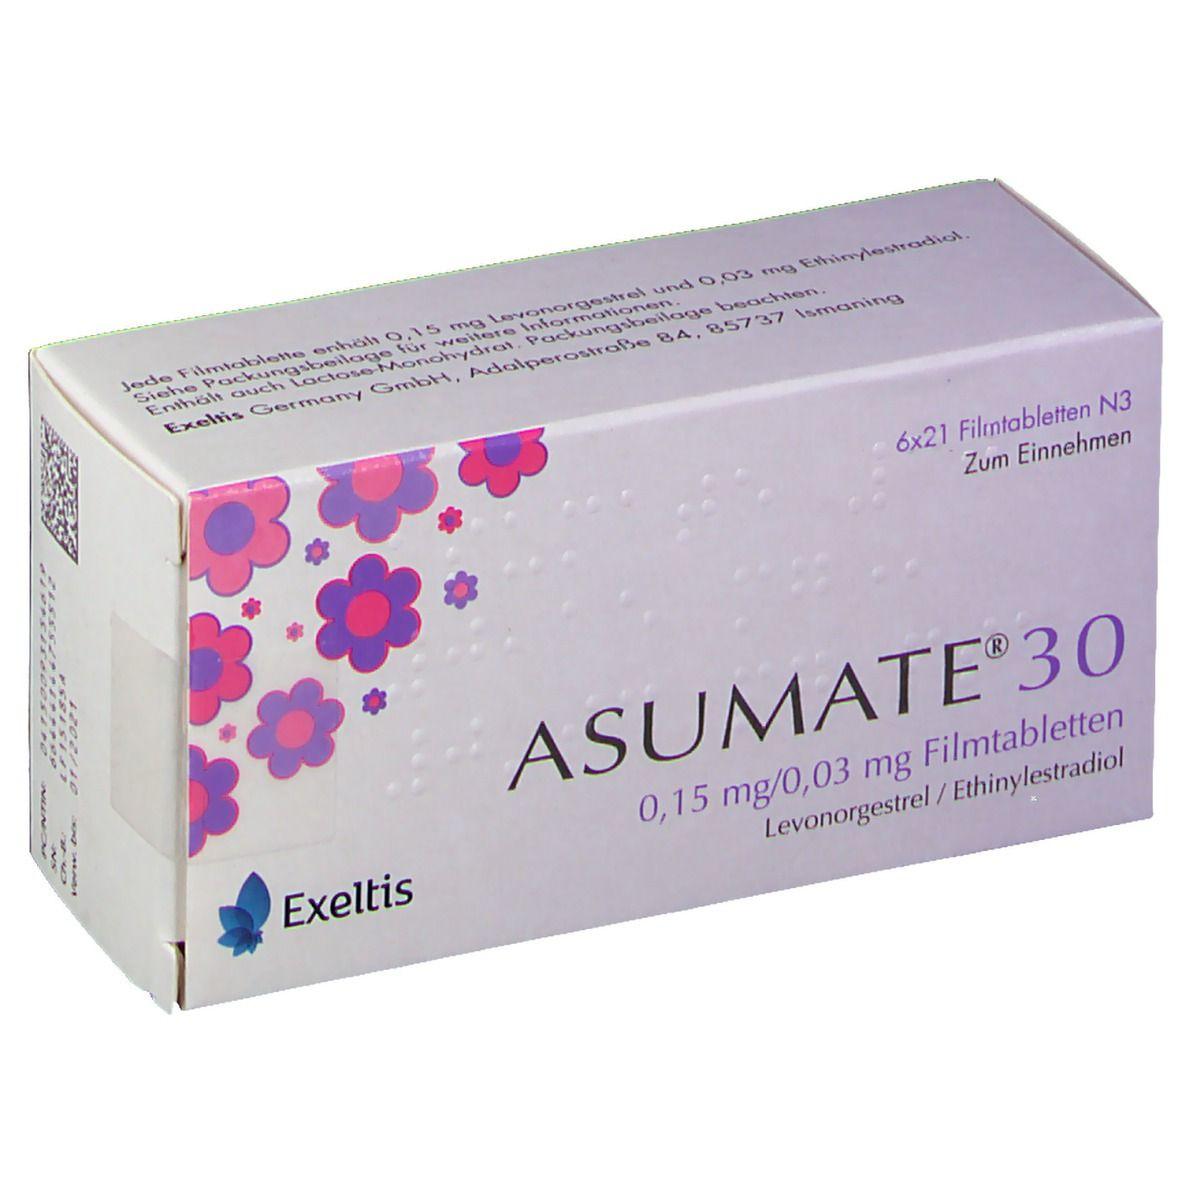 asumate 20 packungsbeilage